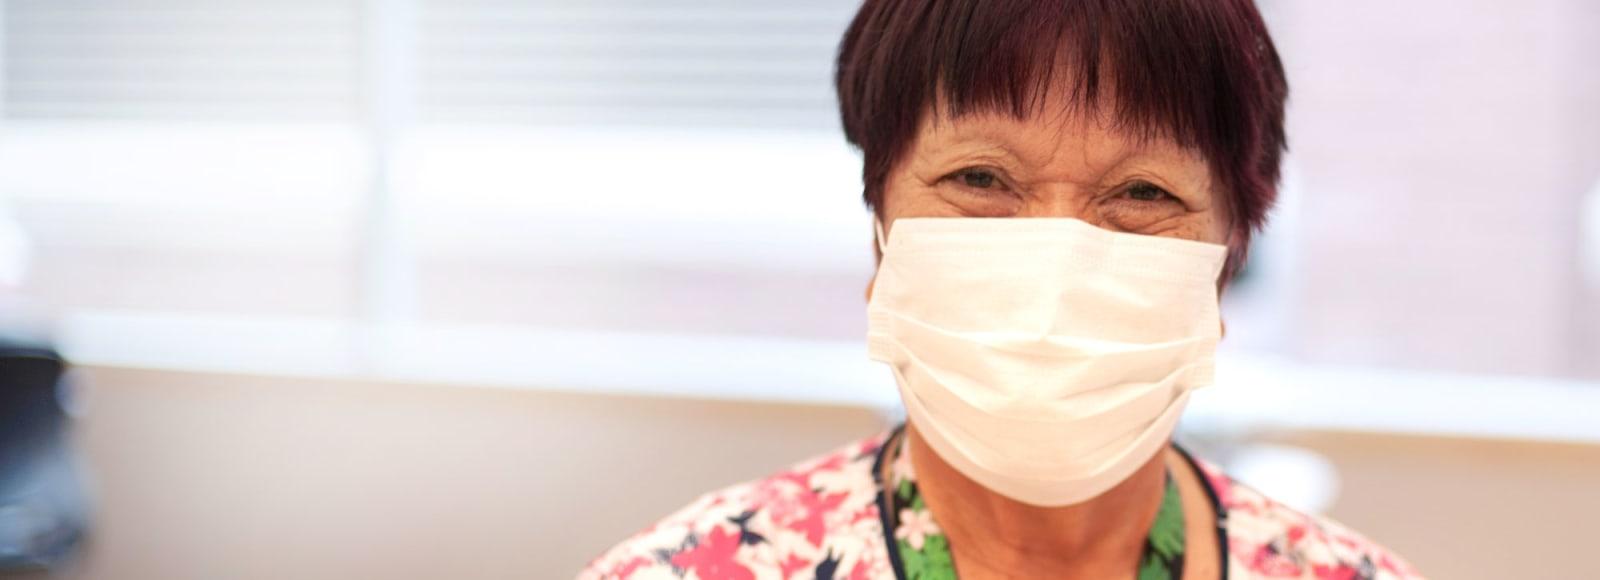 MultiCare nurse with mask